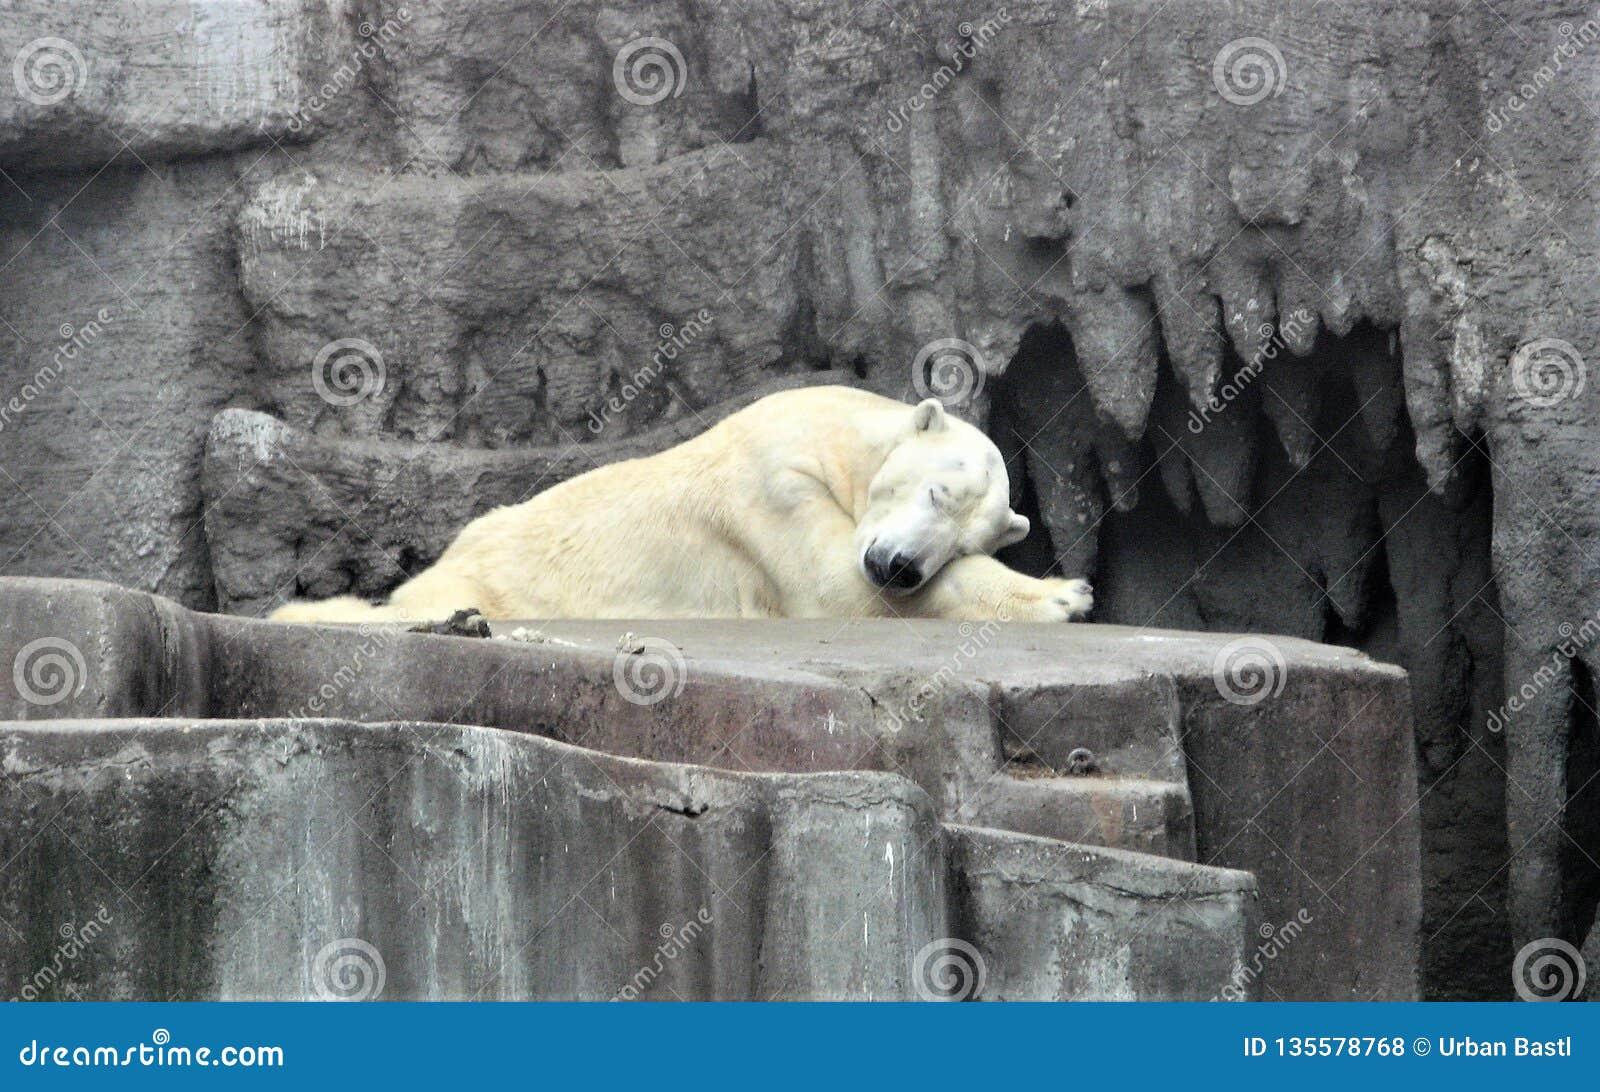 Polar bear sleeps in the zoo